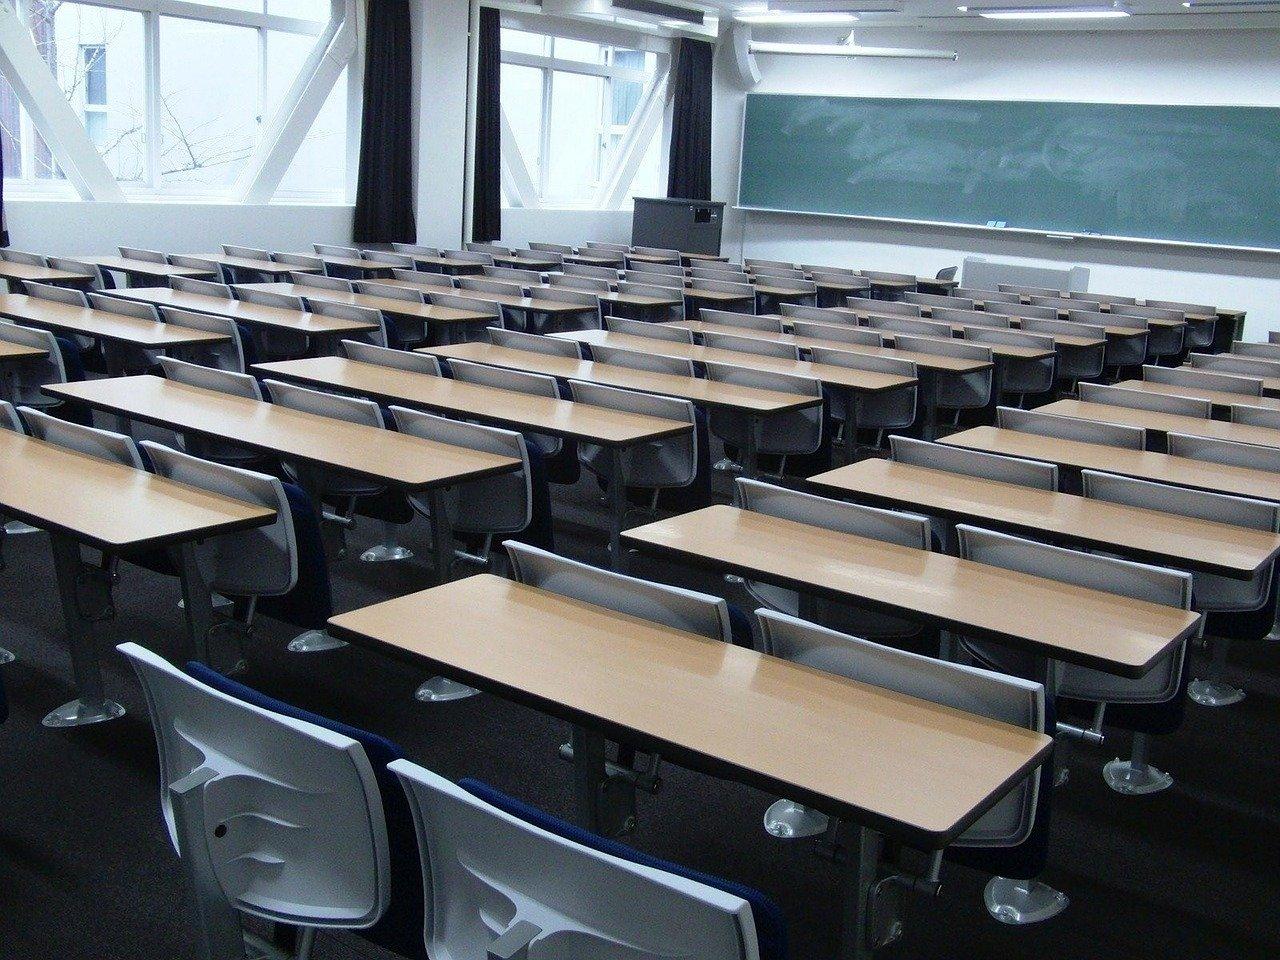 四谷大塚の直営校と提携塾、どちらに入るべき?